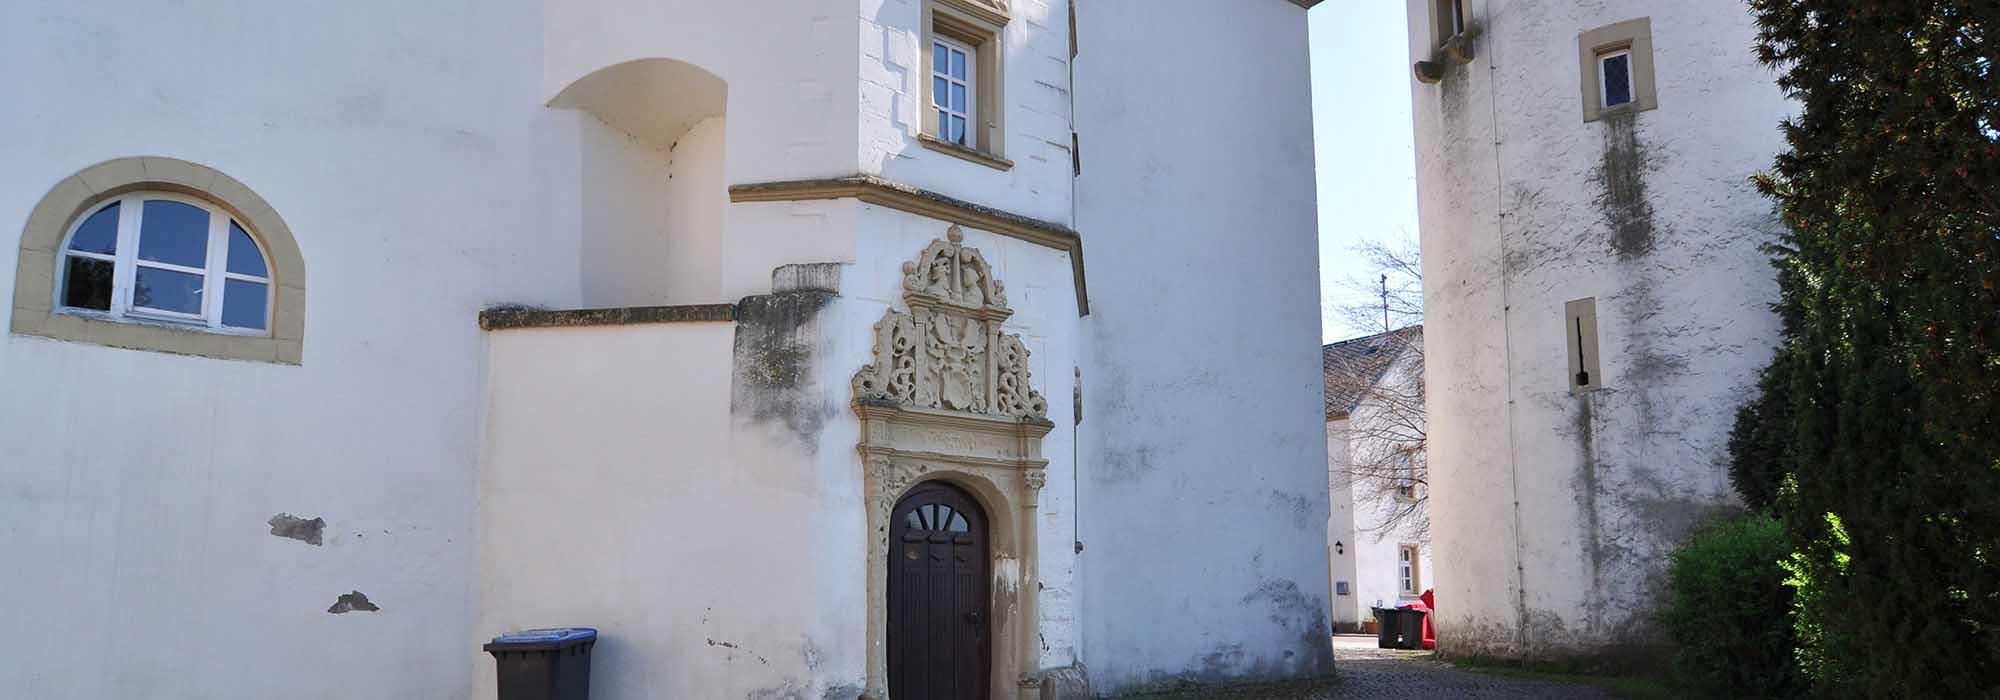 Wincheringen-DSC_1621